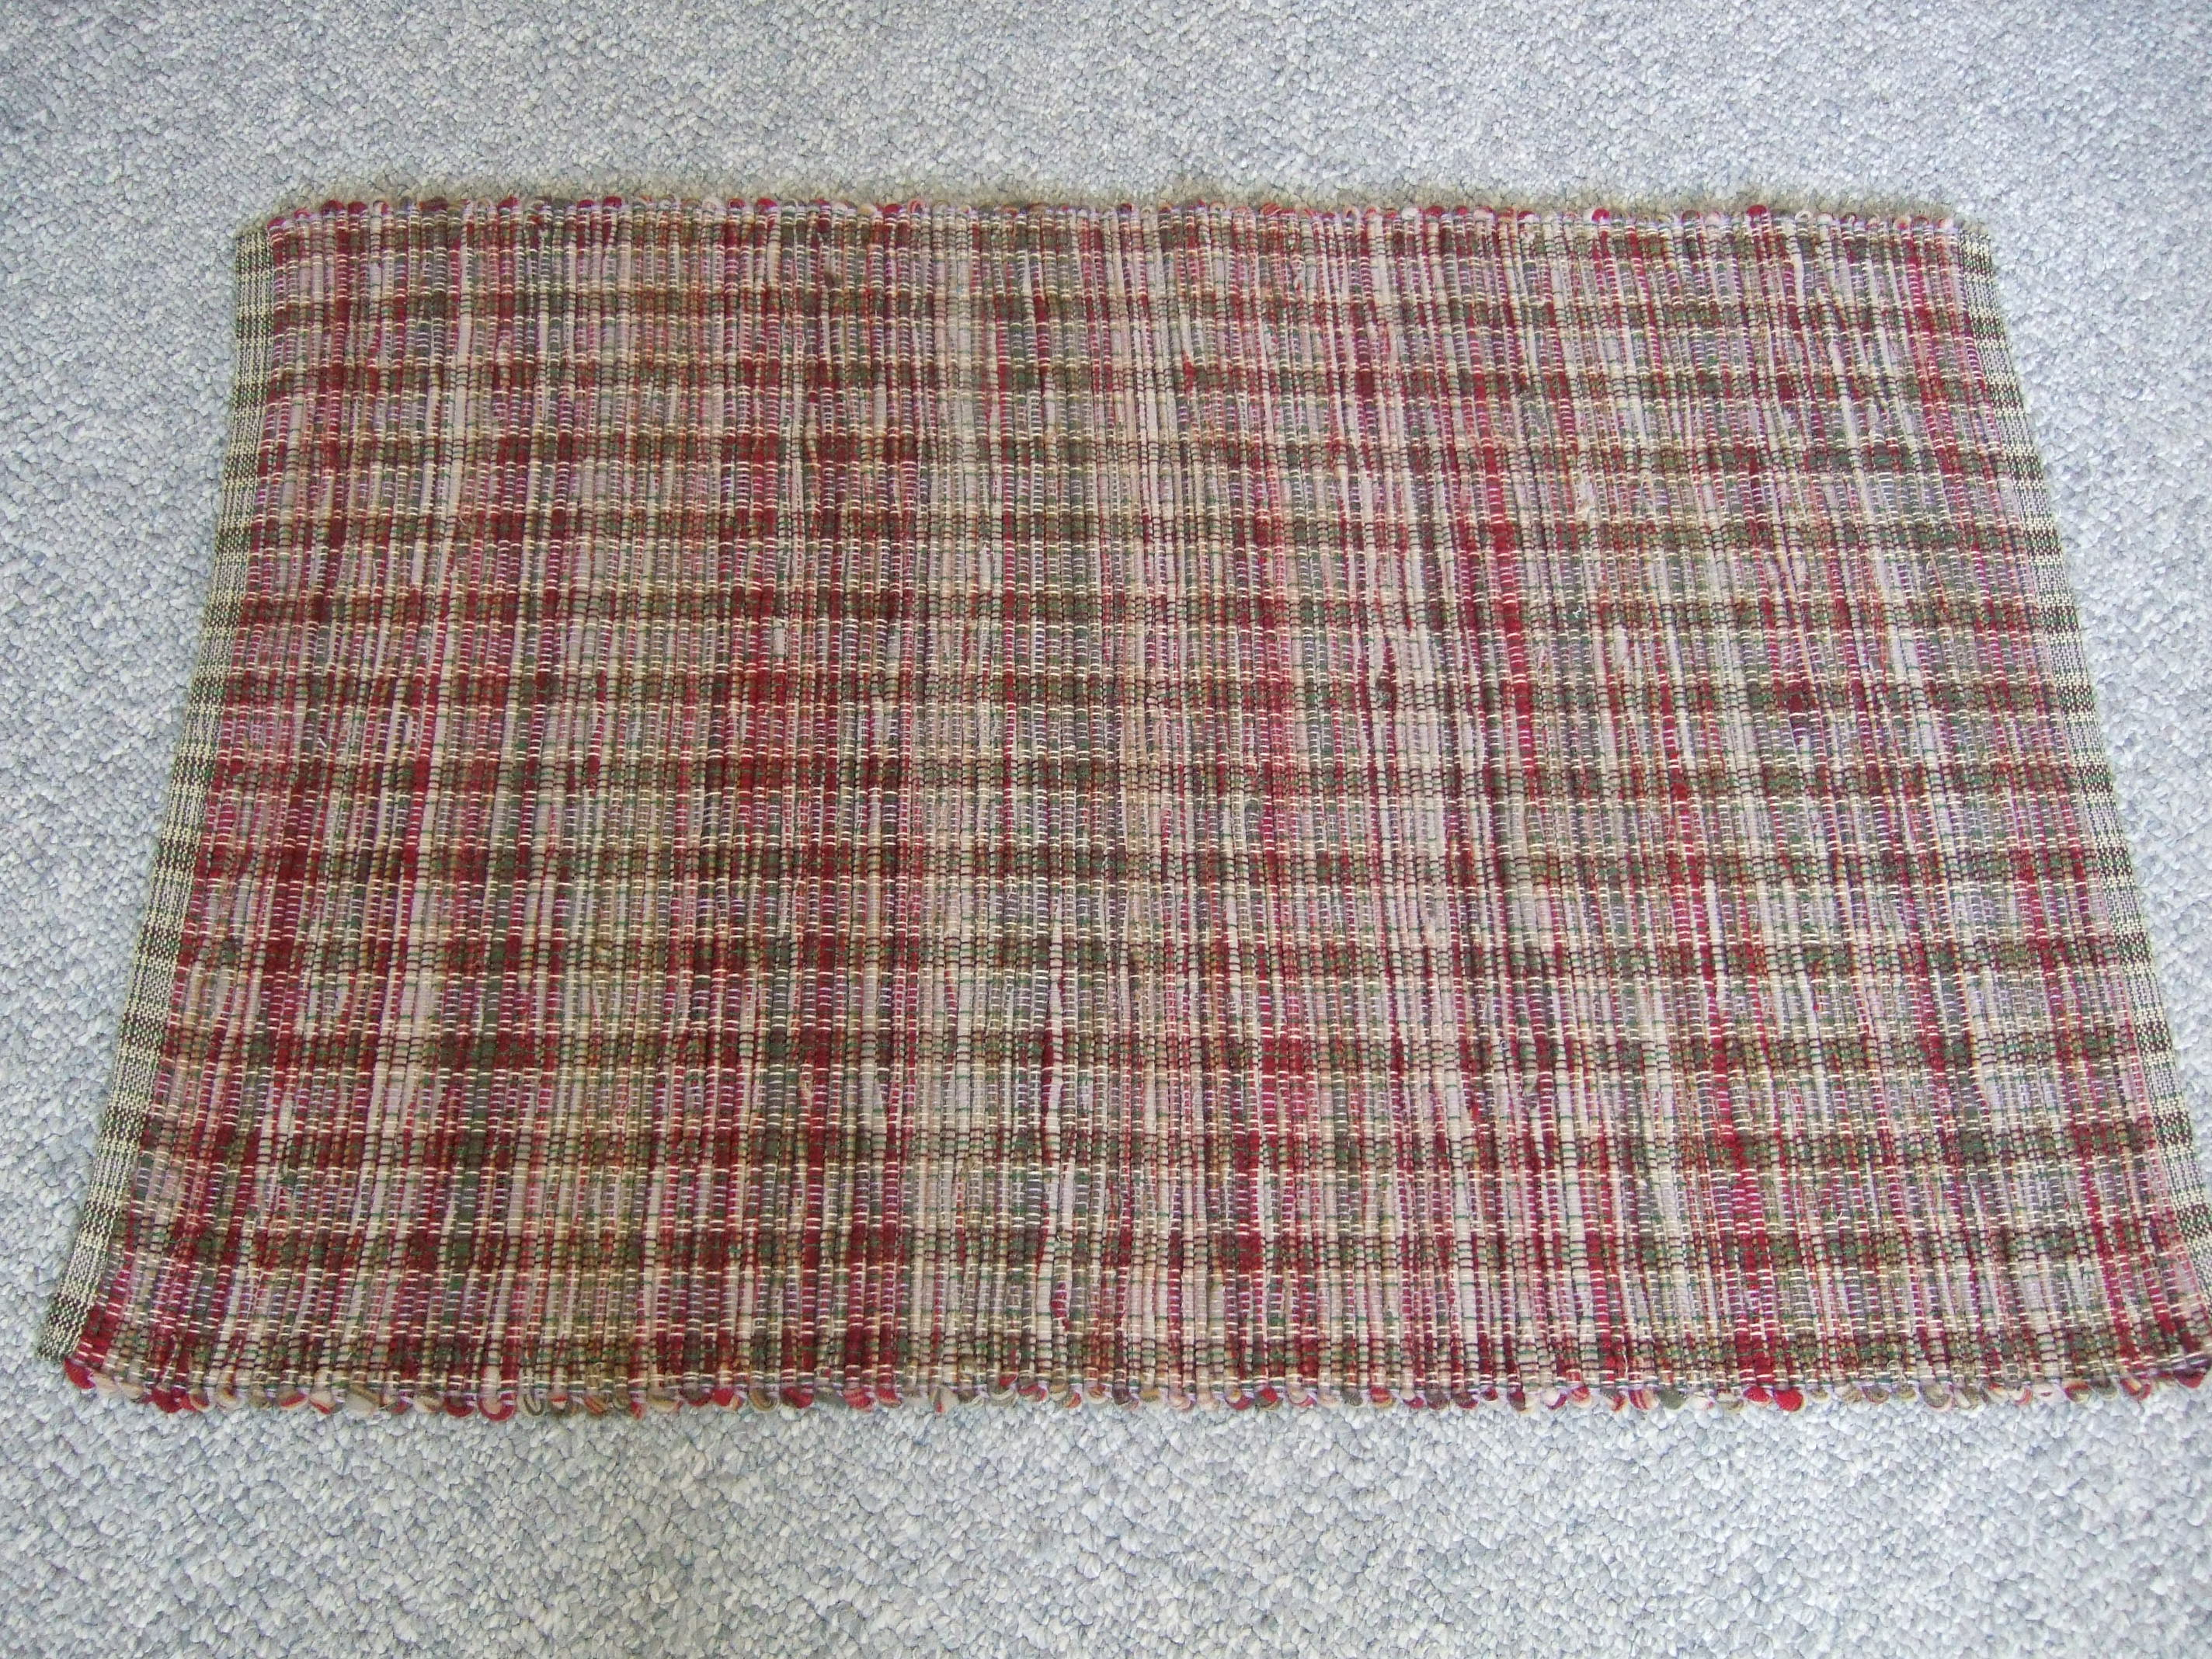 wool blanket cut into strips